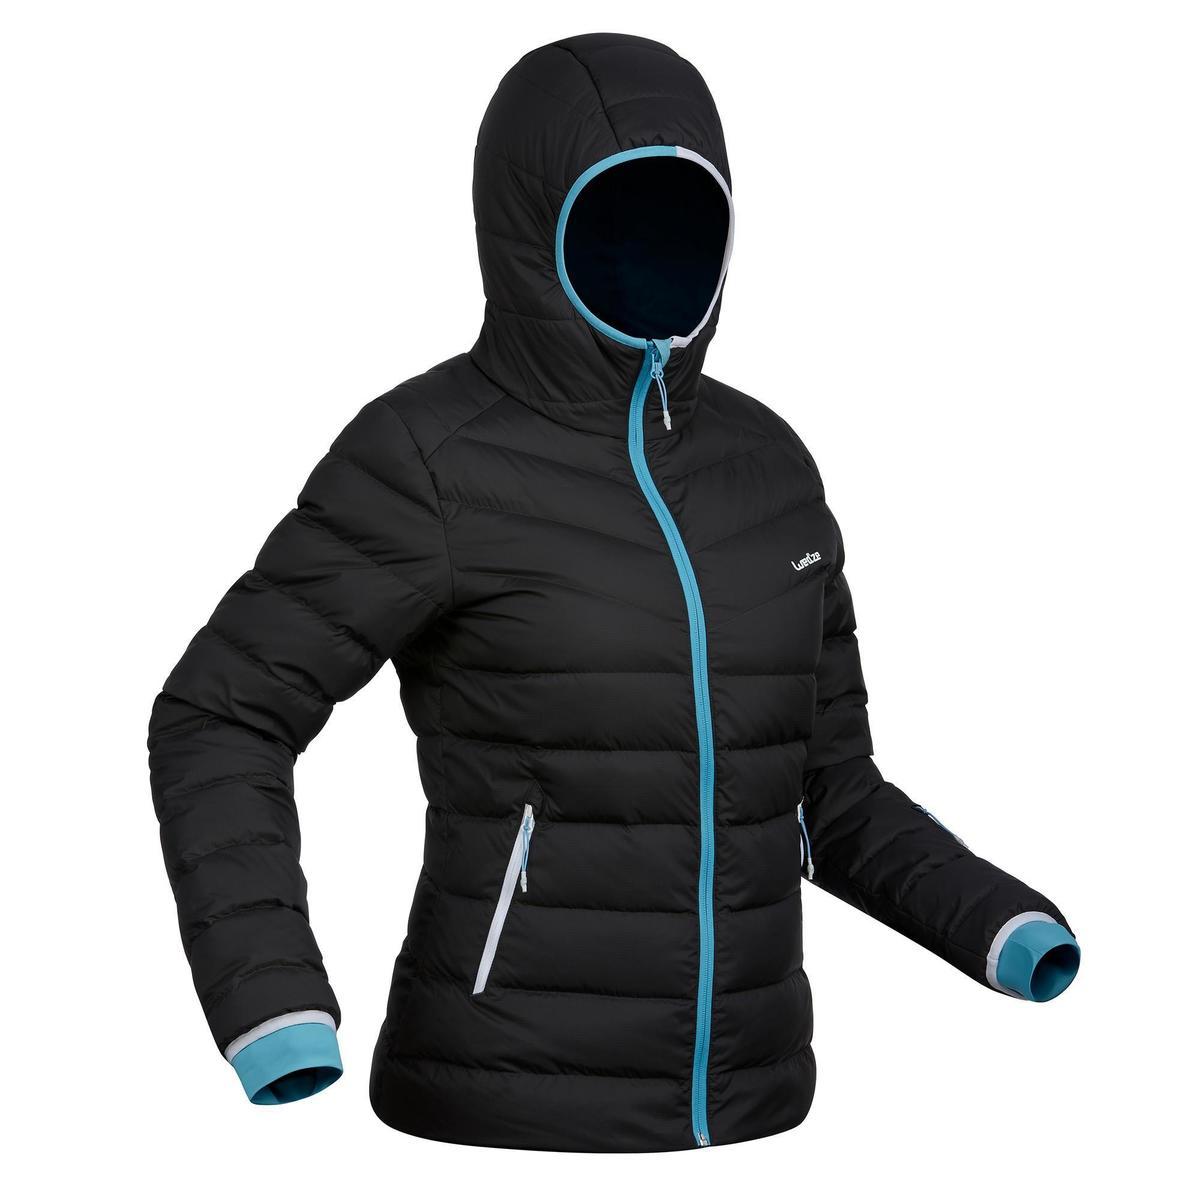 Bild 1 von Skijacke Daunen 500 Warm Damen grau